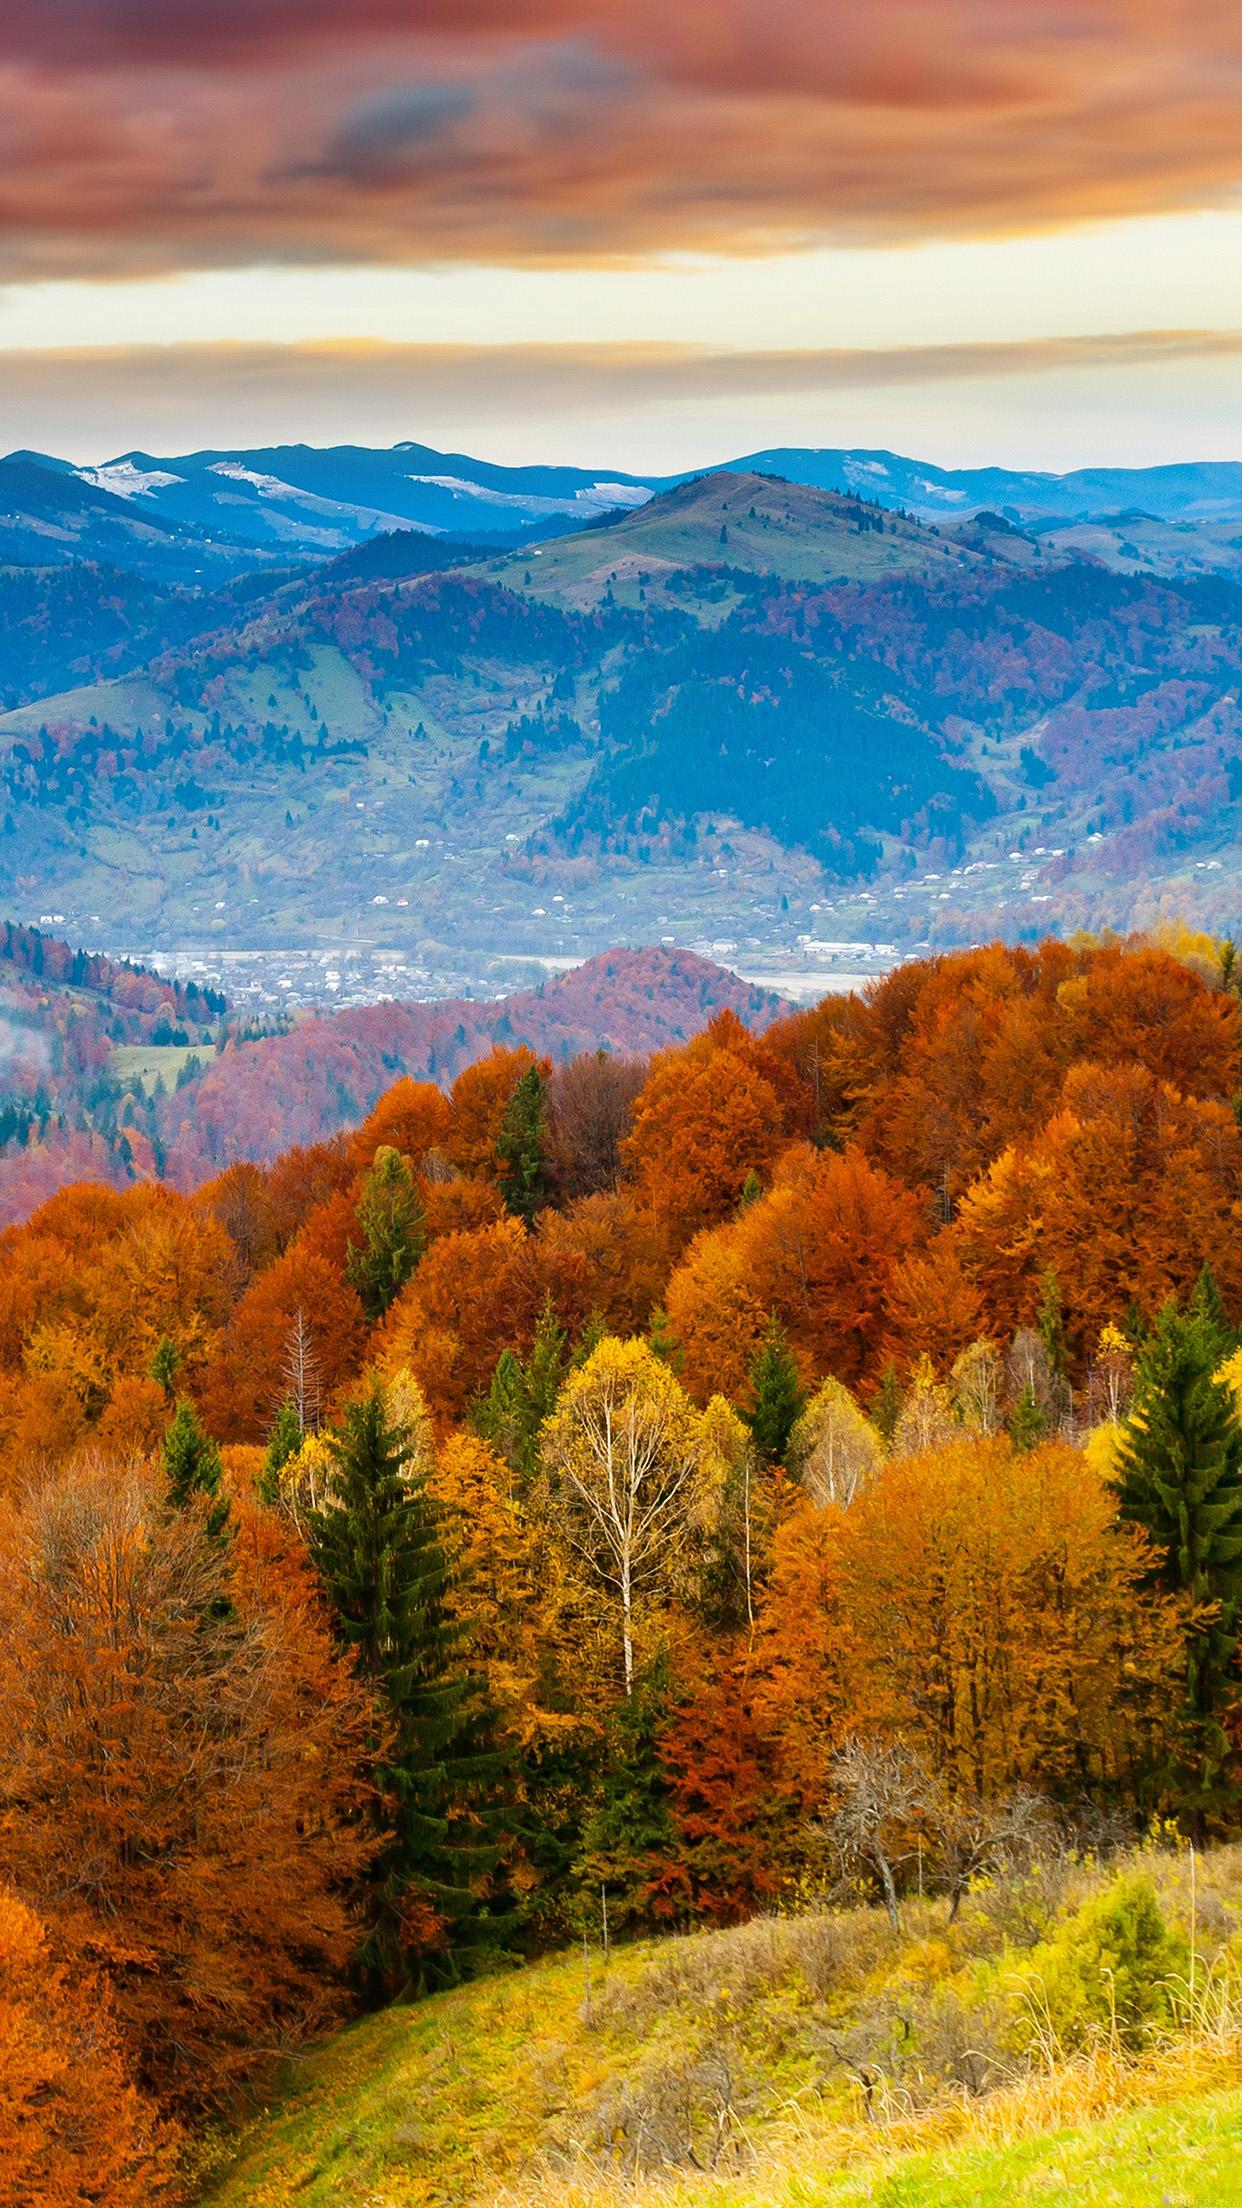 Fall Wallpaper Ipad Air 2 Iphone Se